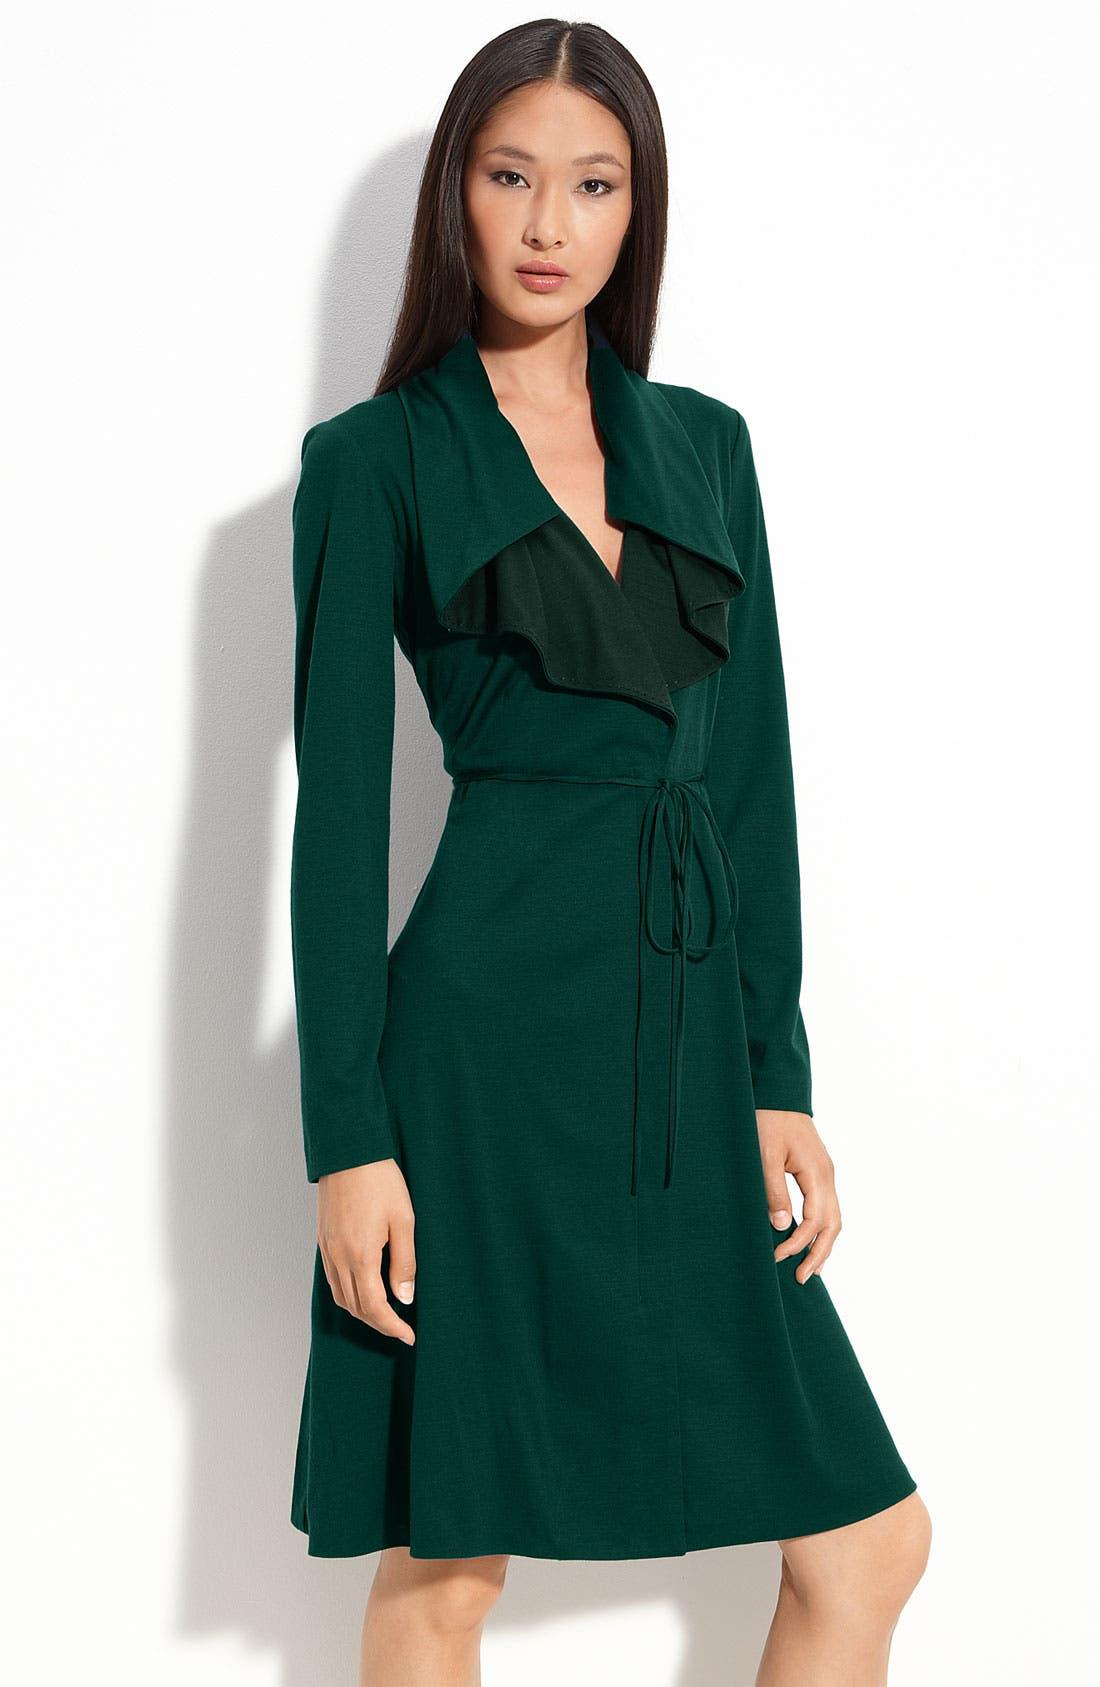 Alternate Image 1 Selected - Elie Tahari 'Lauren' Long Sleeve Dress